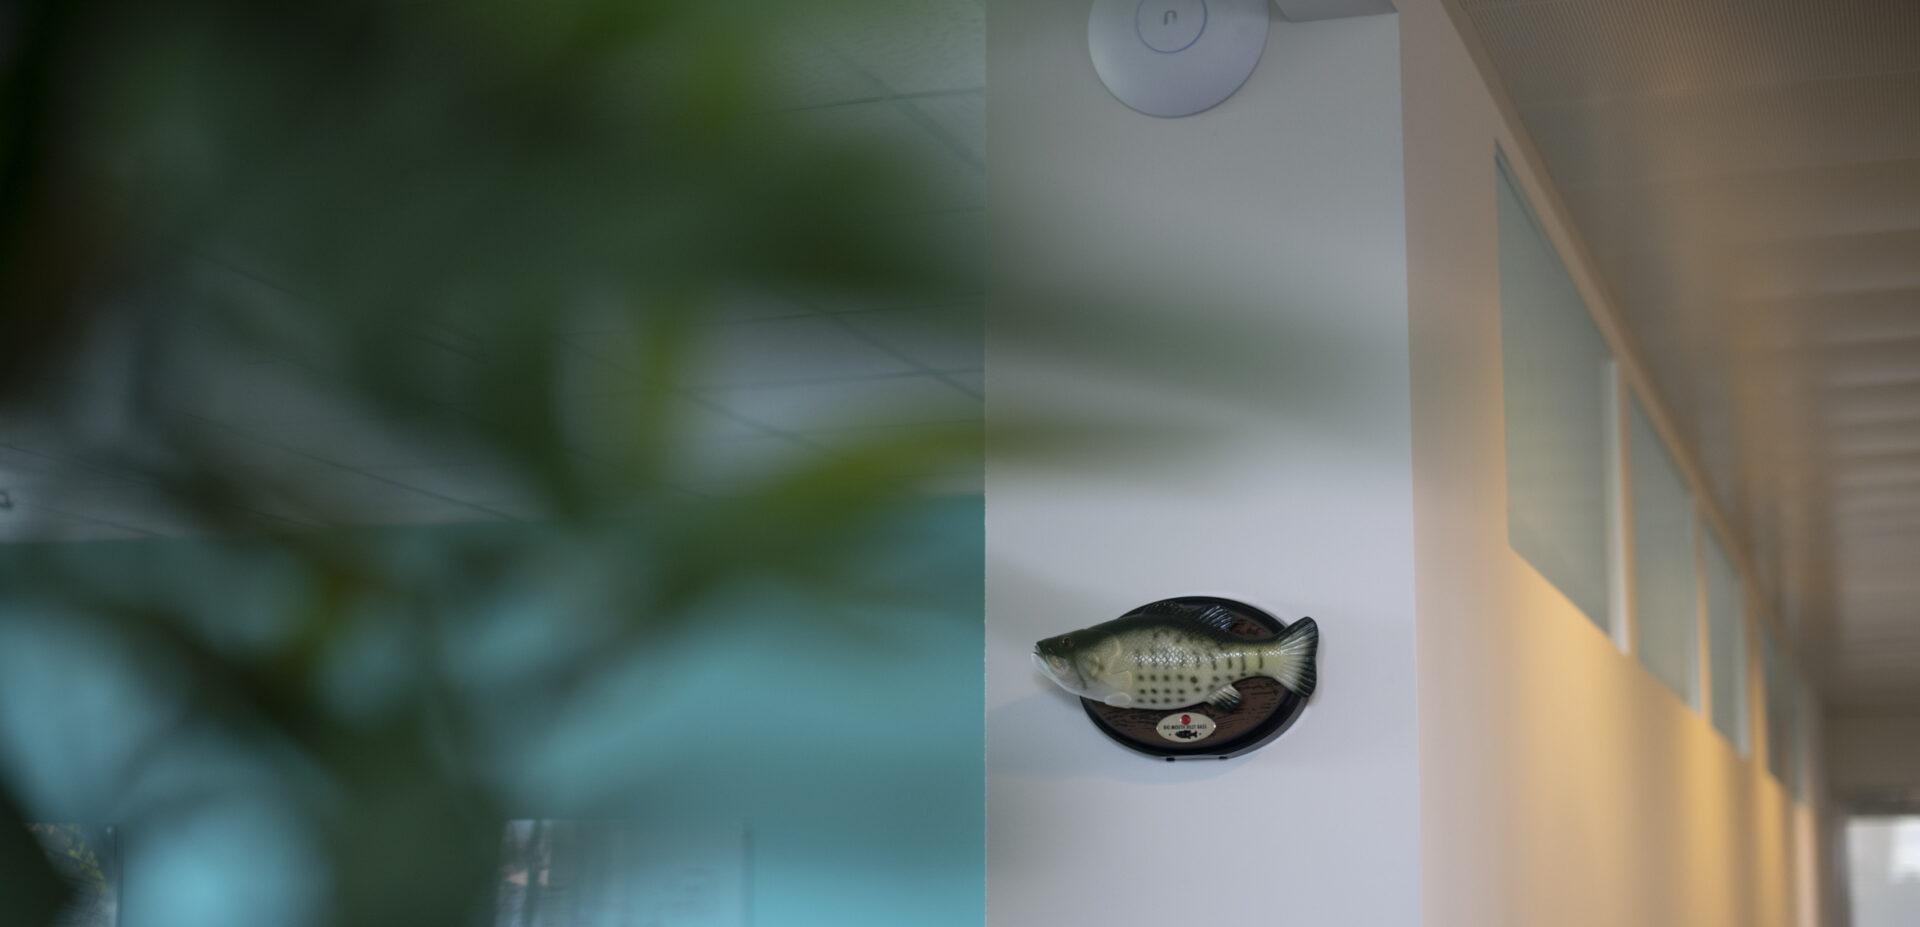 Wanddekoration im Büro